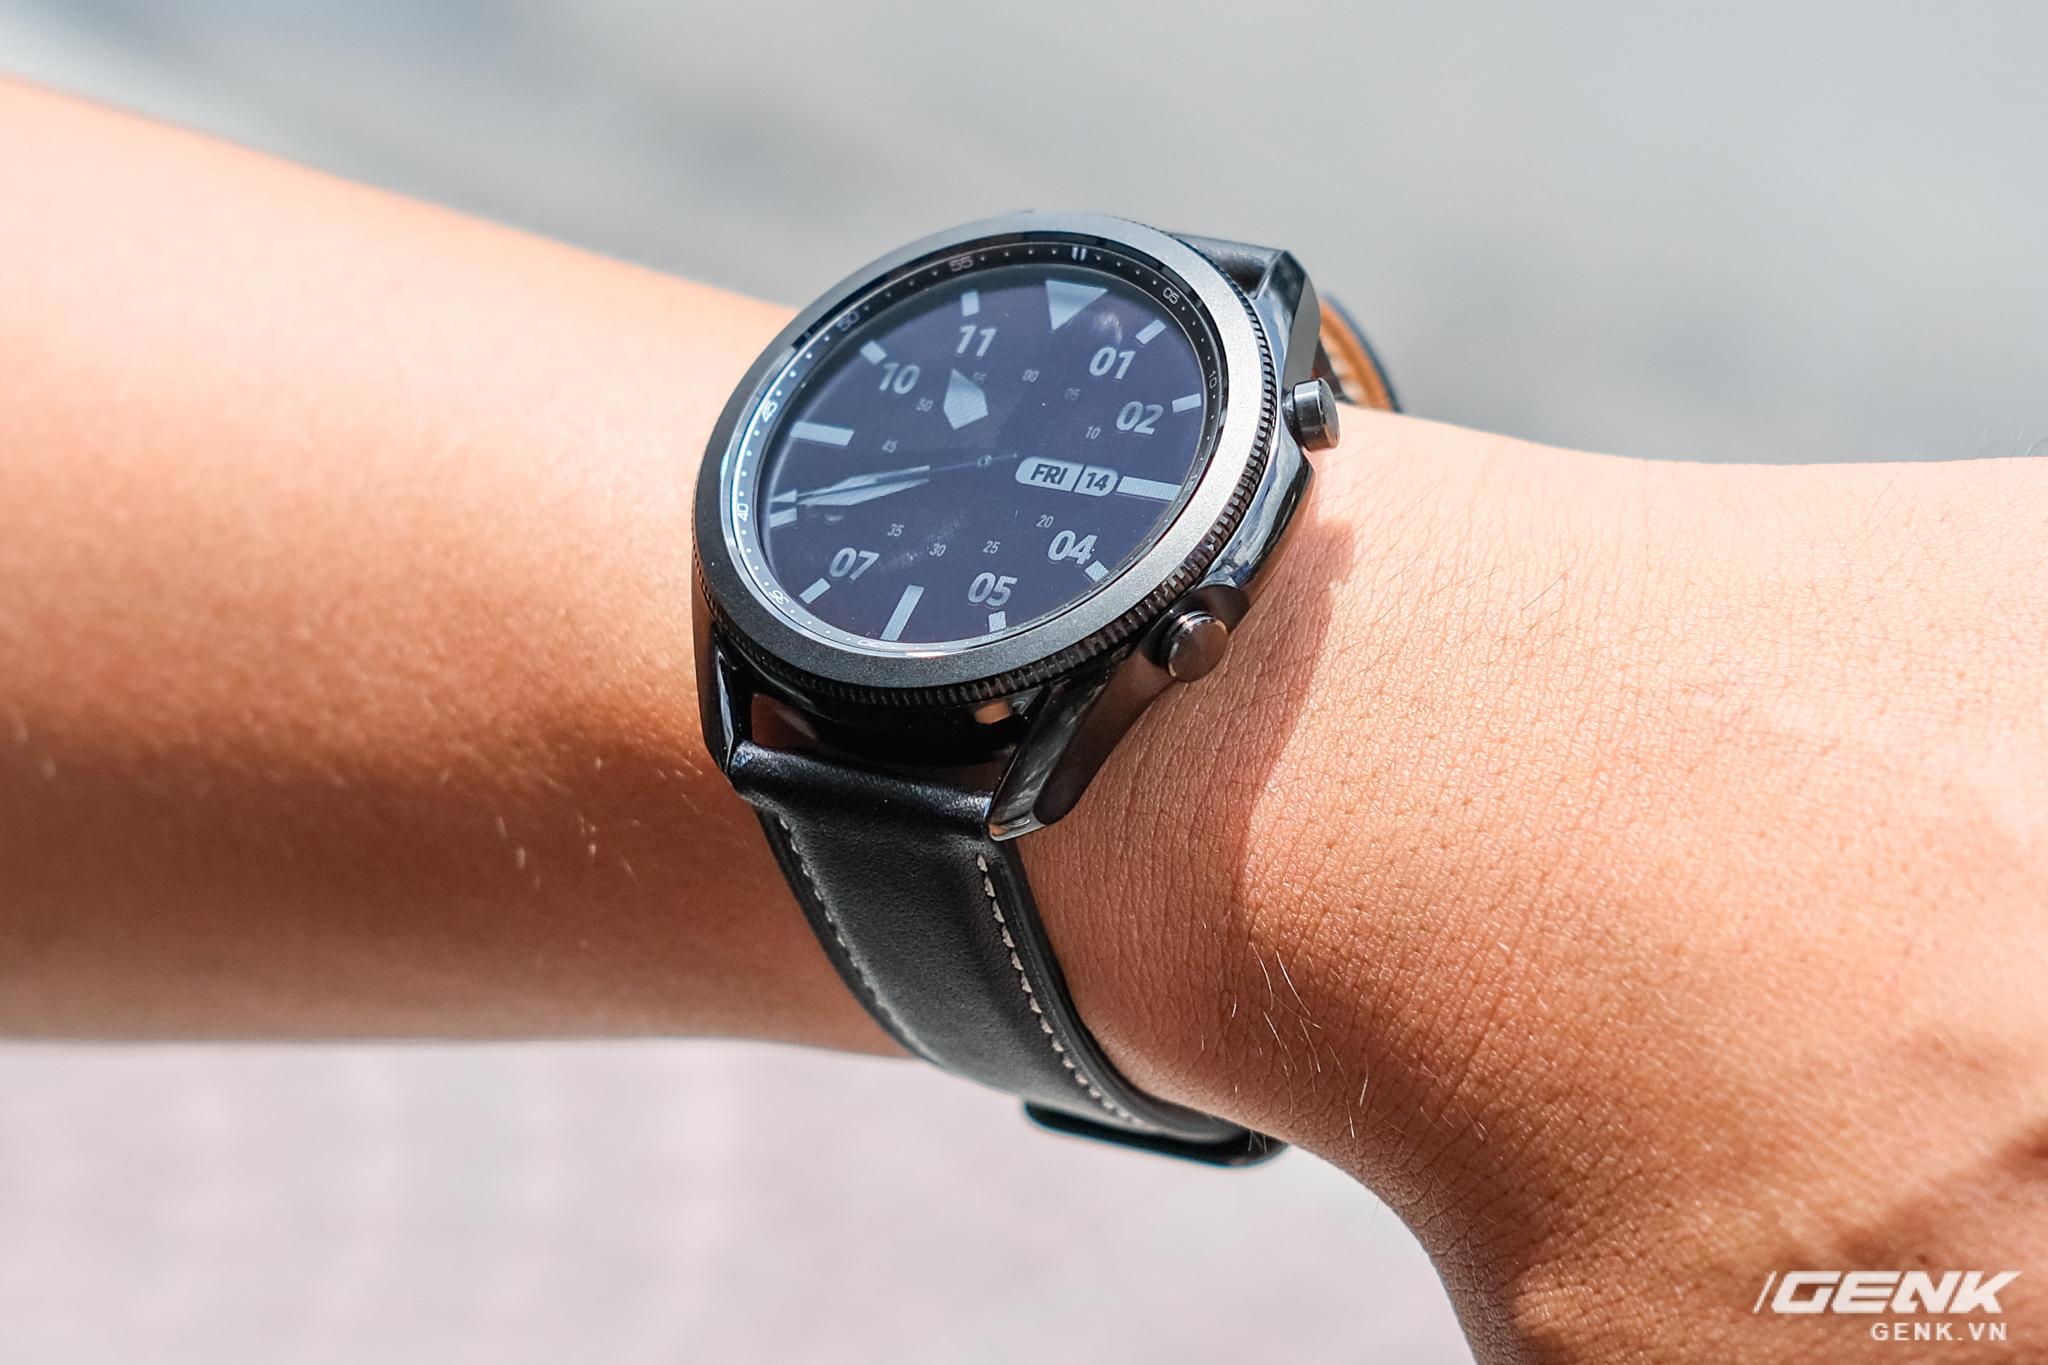 Mở hộp Galaxy Watch3 mặt 45mm: Thiết kế thanh lịch hơn, trang bị khả năng đo nồng độ oxy trong máu, có hơn 120 bài tập tại nhà, bản GPS giá từ 9,99 triệu đồng - Ảnh 11.